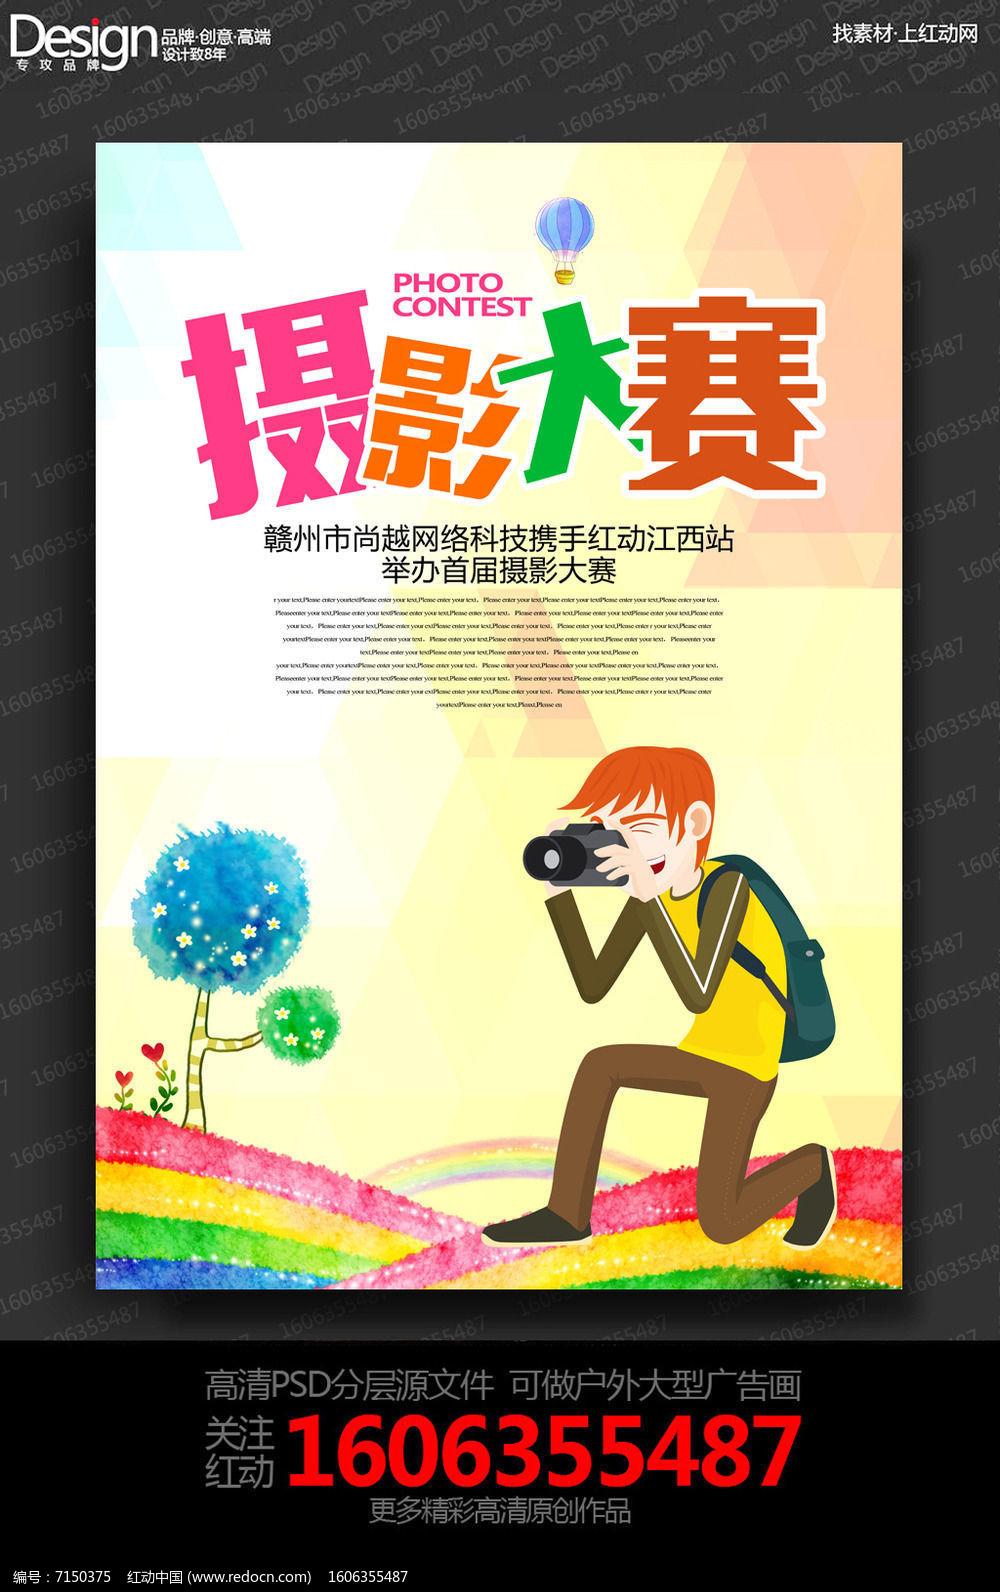 炫彩创意摄影大赛宣传海报设计图片